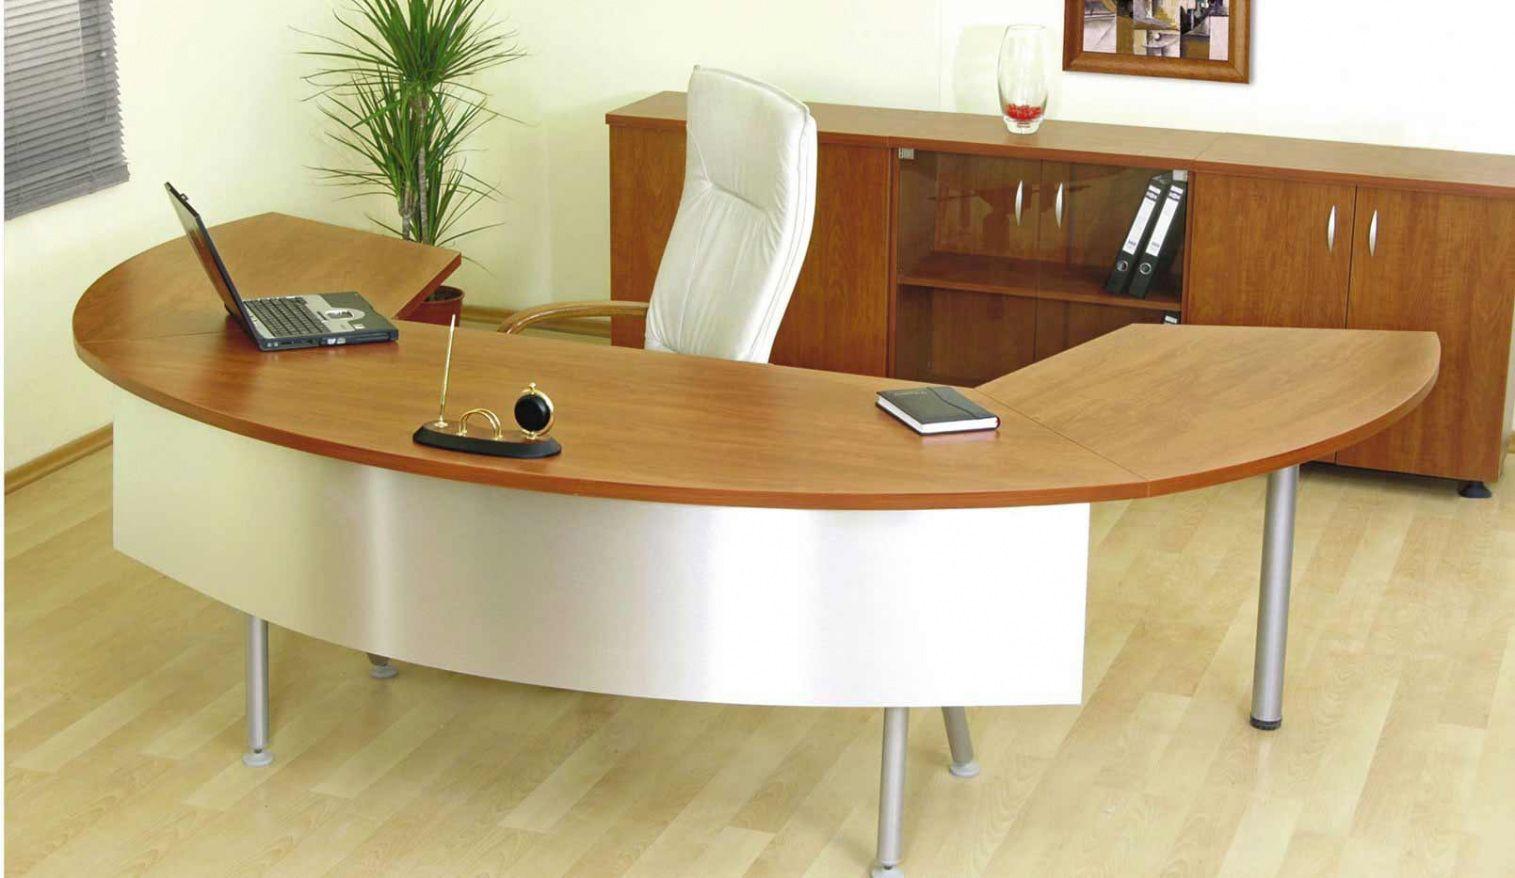 large office desks. Delighful Desks Large Office Desks  Ashley Furniture Home Check More At Httpwww And D